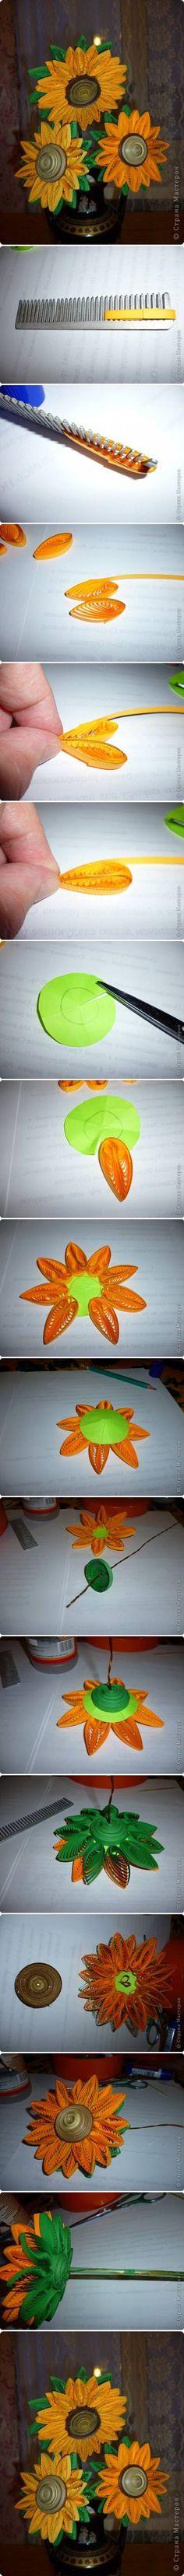 DIY Quilled Sunflowers | iCreativeIdeas.com Like Us on Facebook ==> https://www.facebook.com/icreativeideas girassol de papel